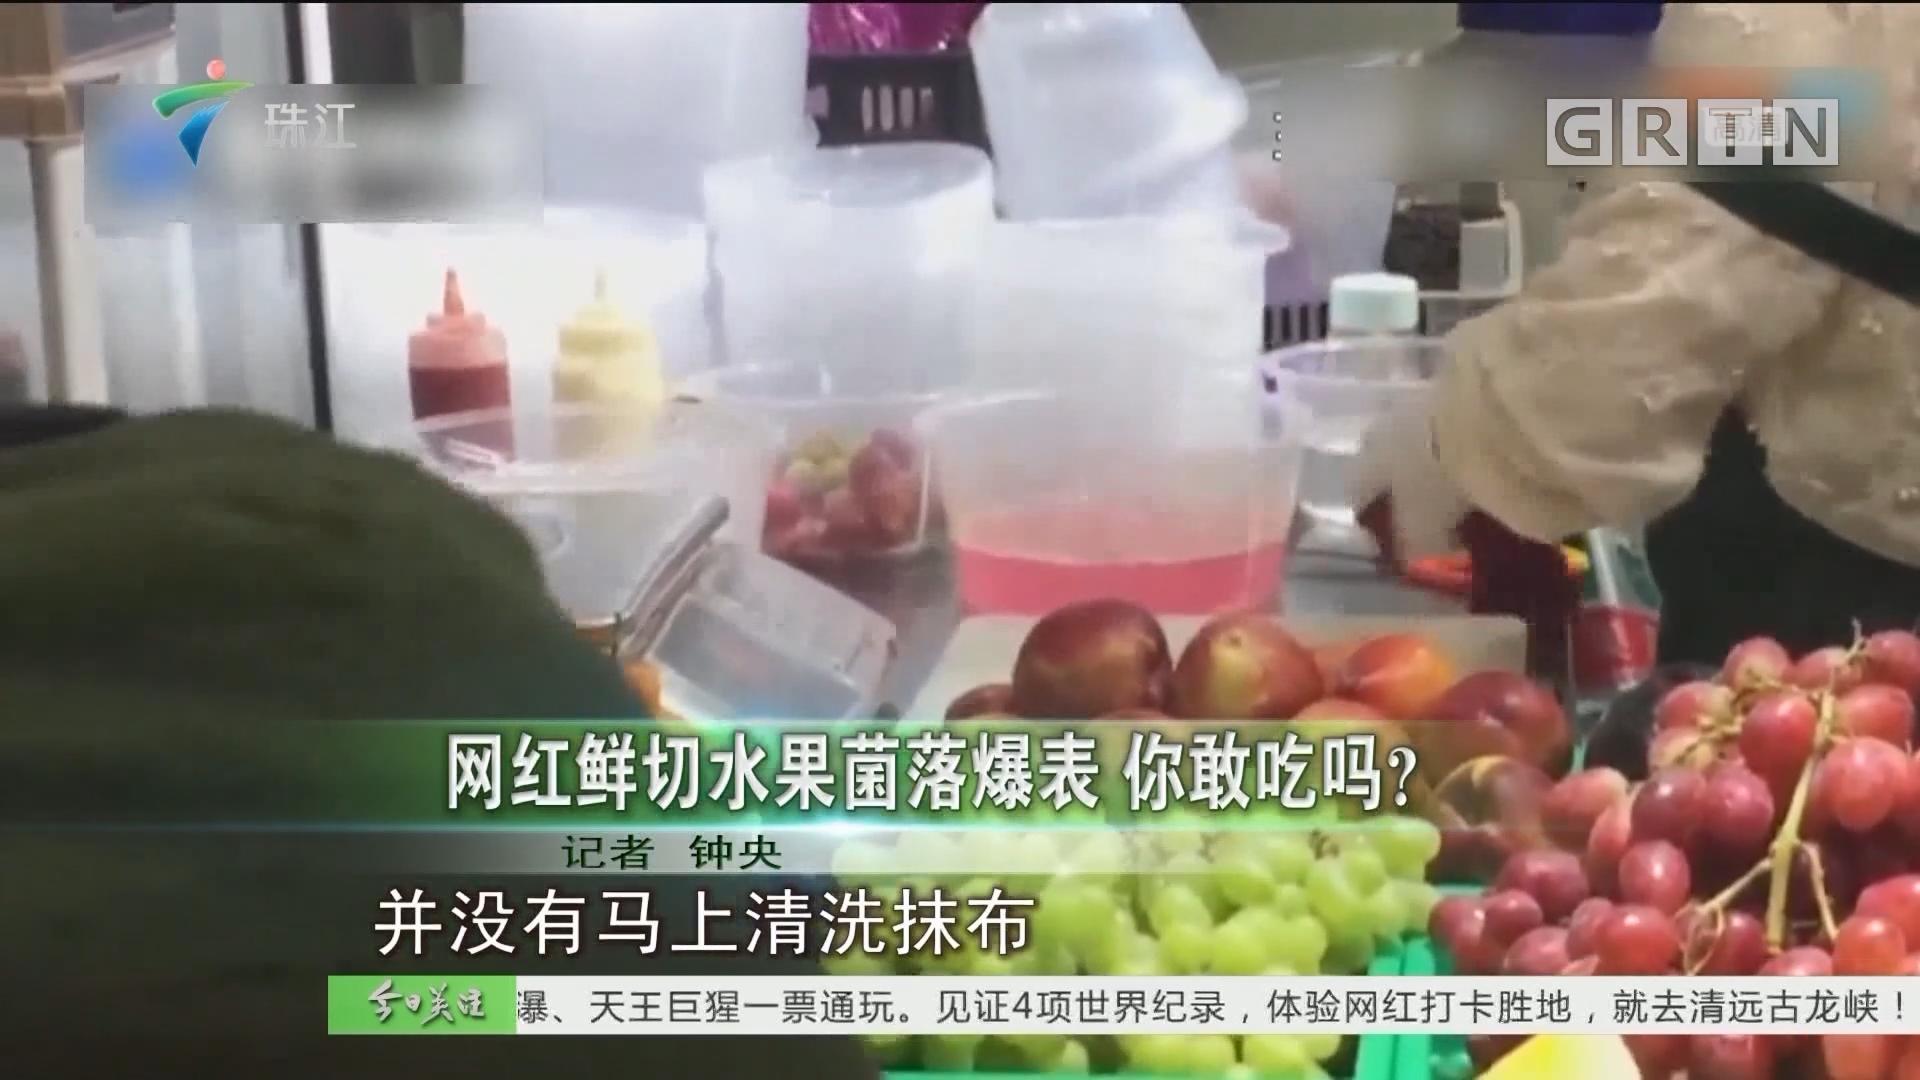 网红鲜切水果菌落爆表 你敢吃吗?